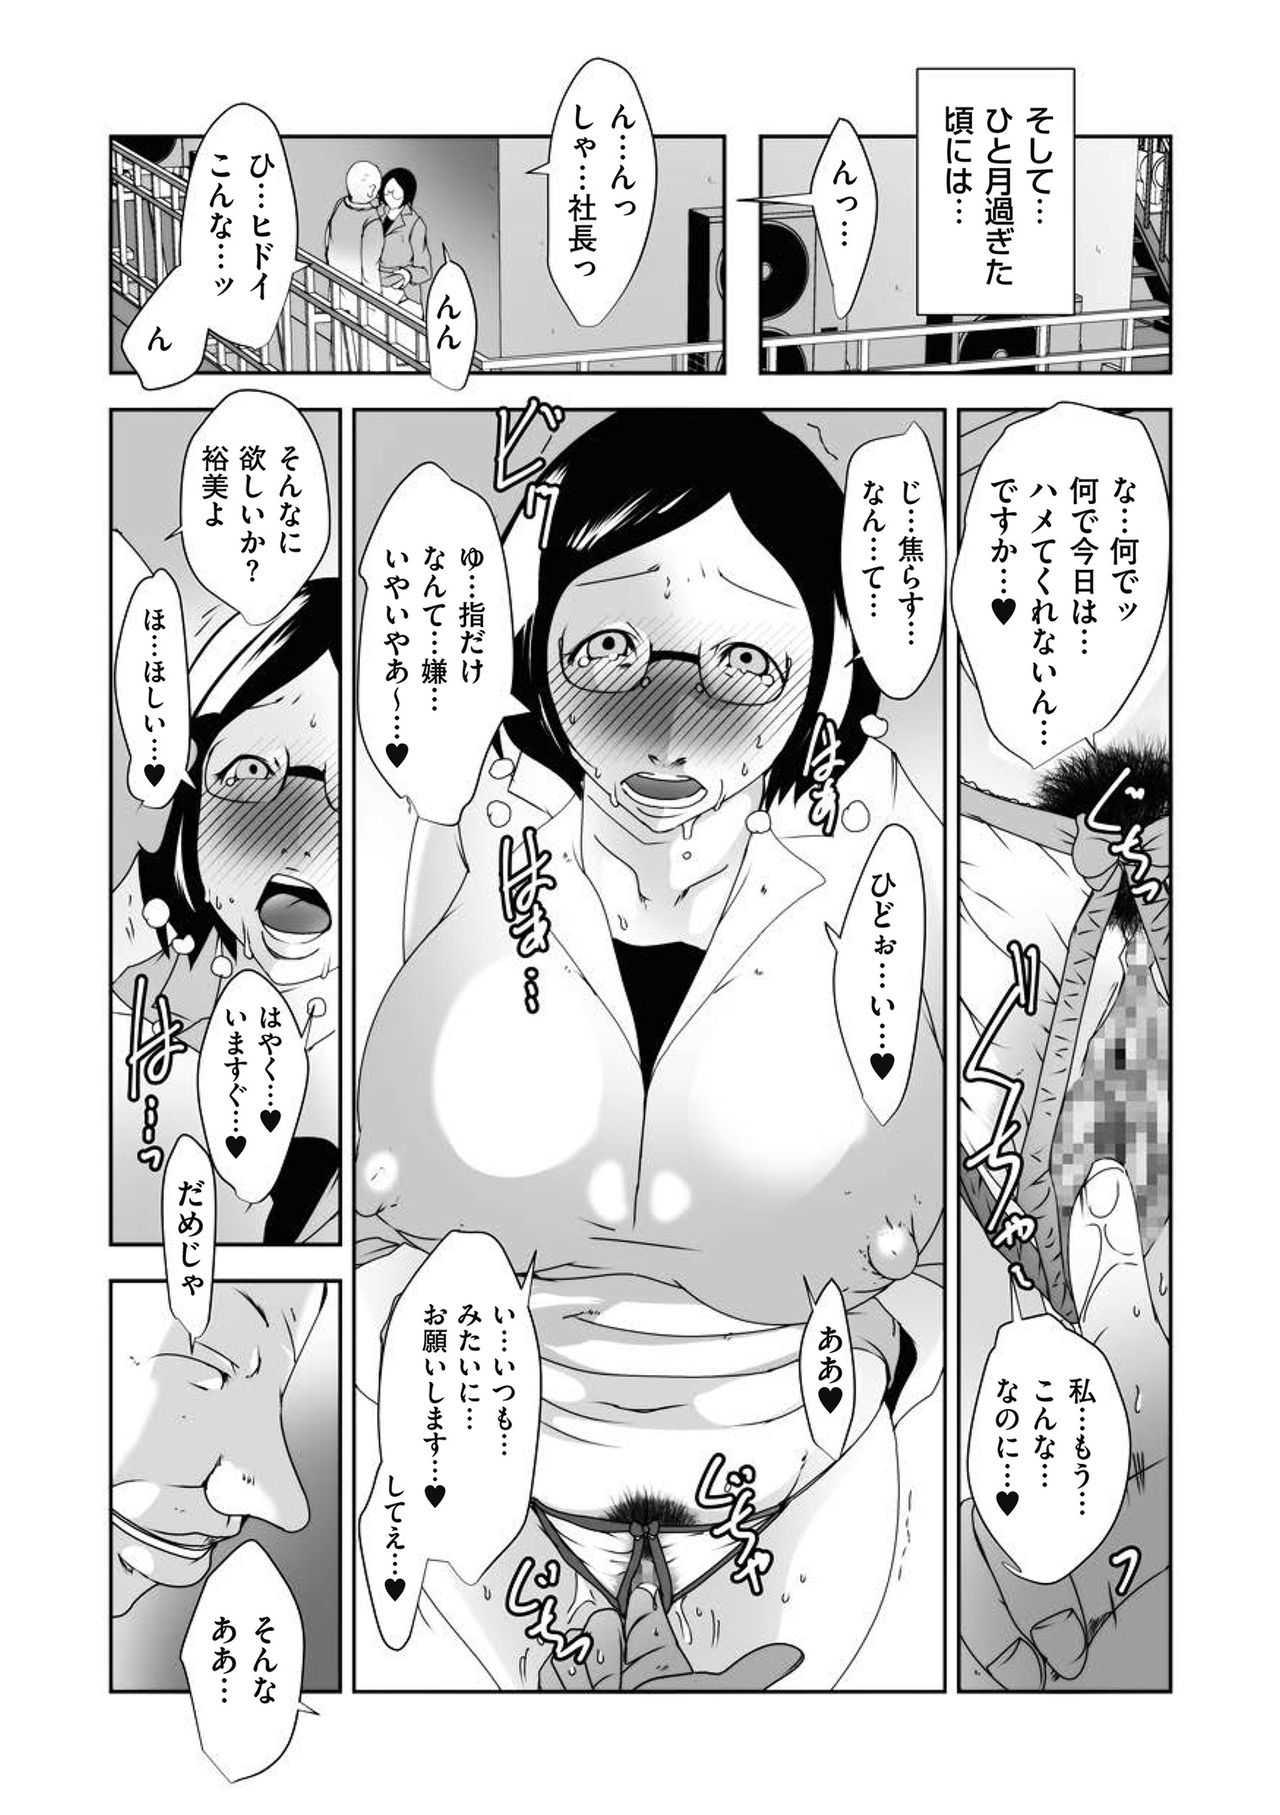 【エロ漫画】キャリアウーマンの人妻…上司にレイプされるがNTR調教セックスに抗えず快楽堕ちwww【ポルノスタディオ:好き…あなた…愛してる】